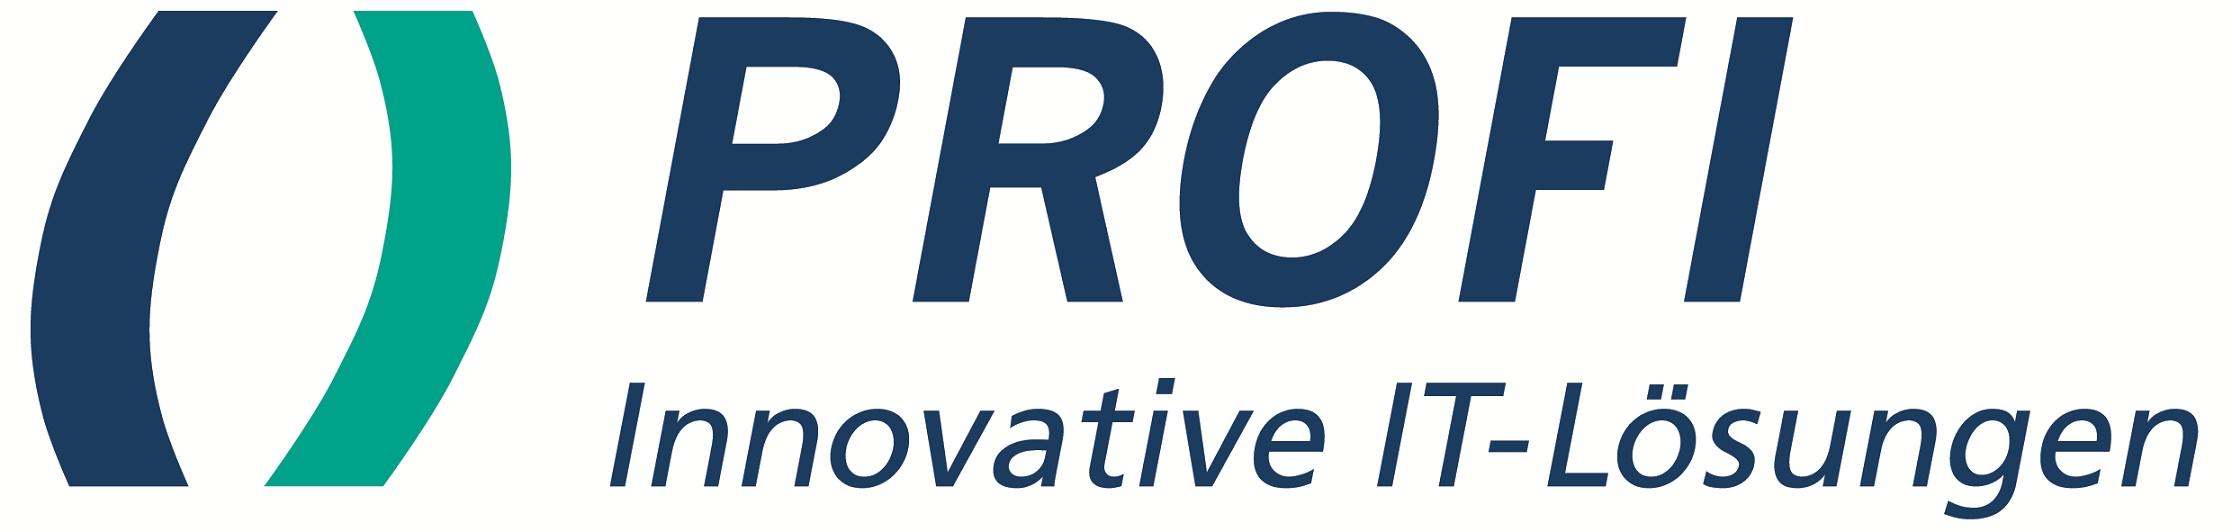 2. PROFI-Hackathon